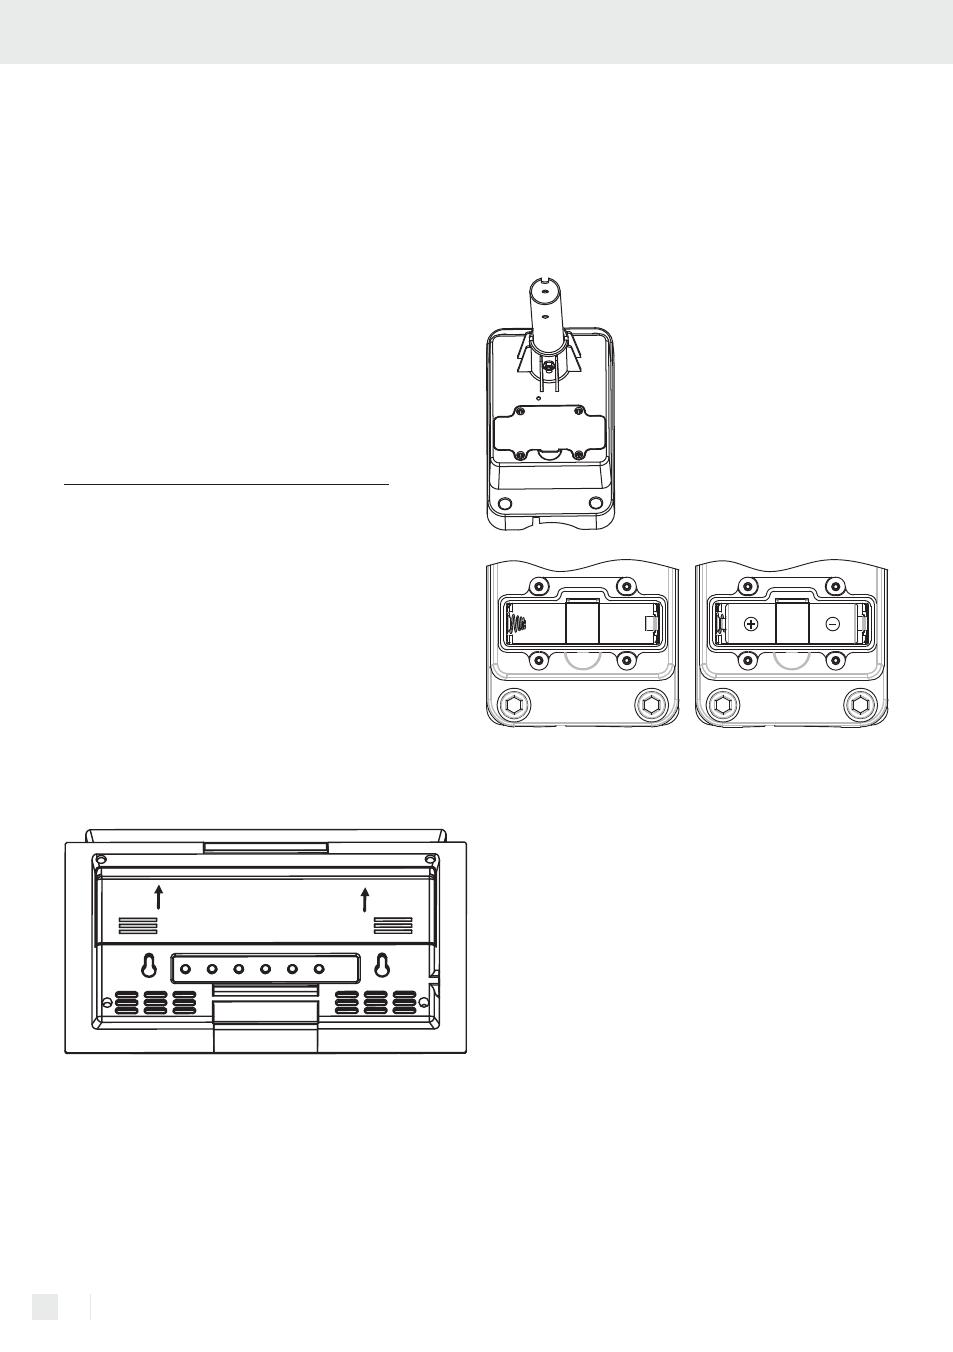 Uvedení do provozu / vložení a výměna baterií, Vložení a